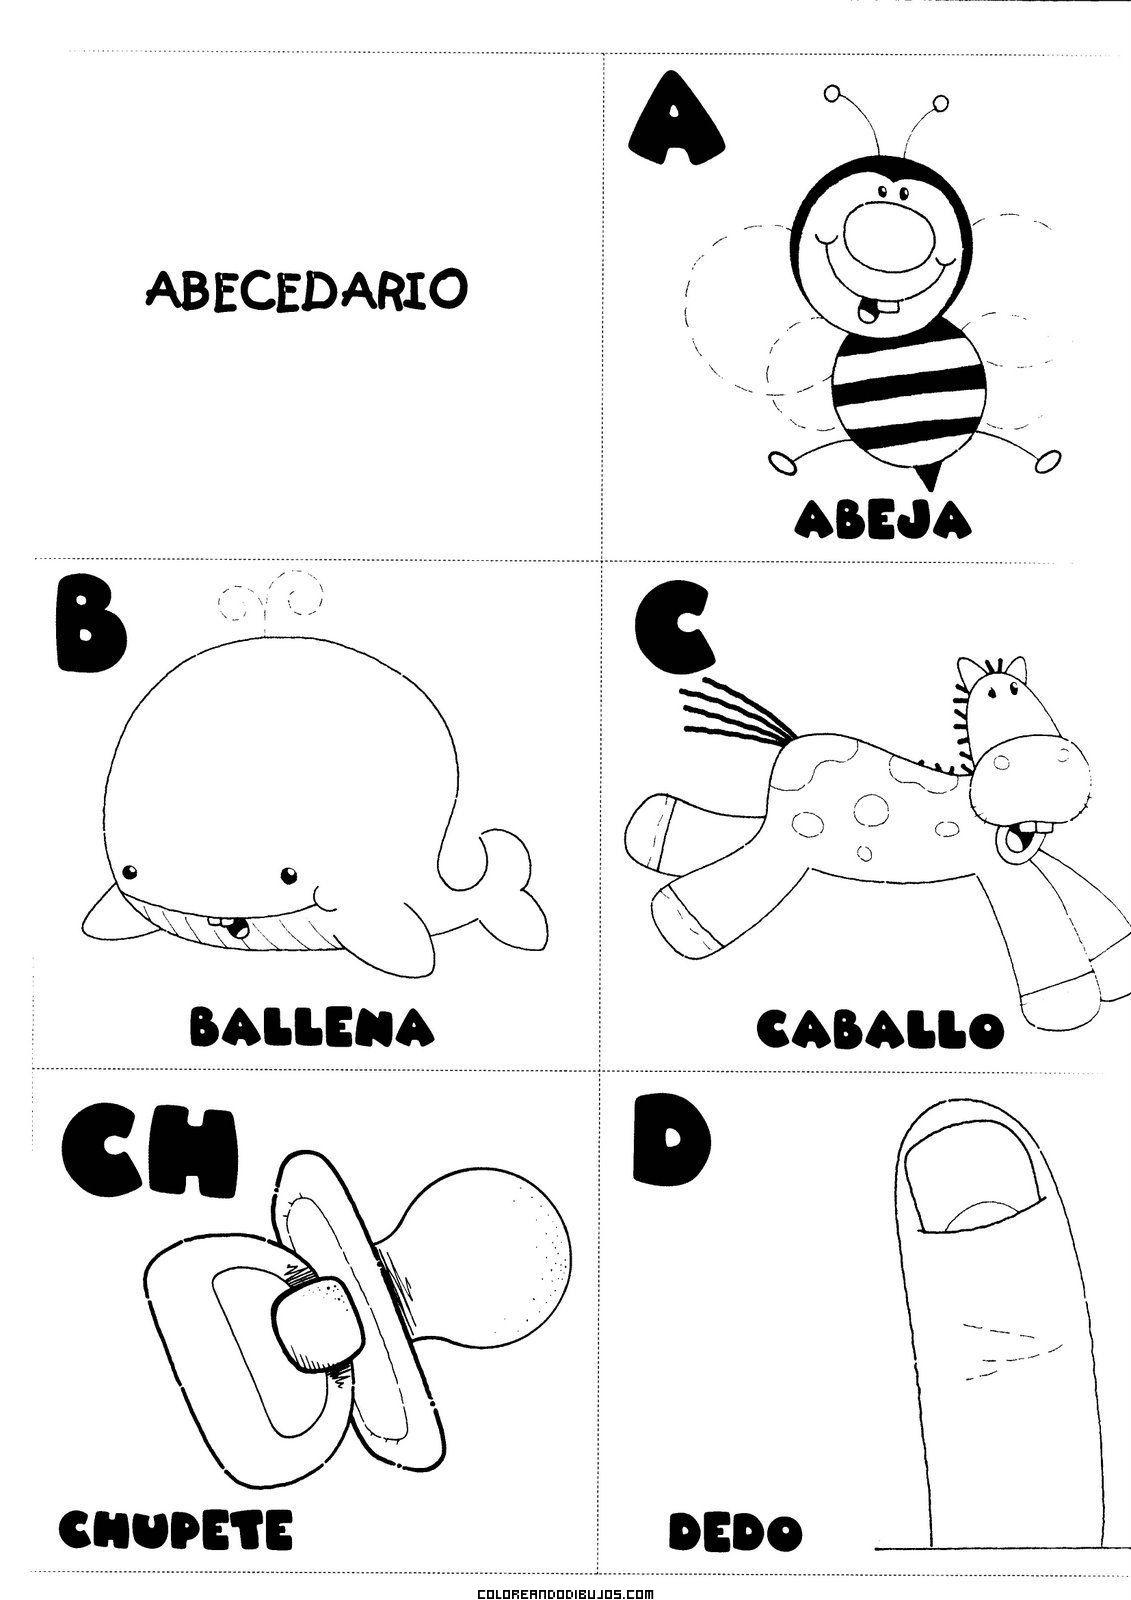 Letras A, B, C, CH, D para colorear | actividades pedagogicas ...